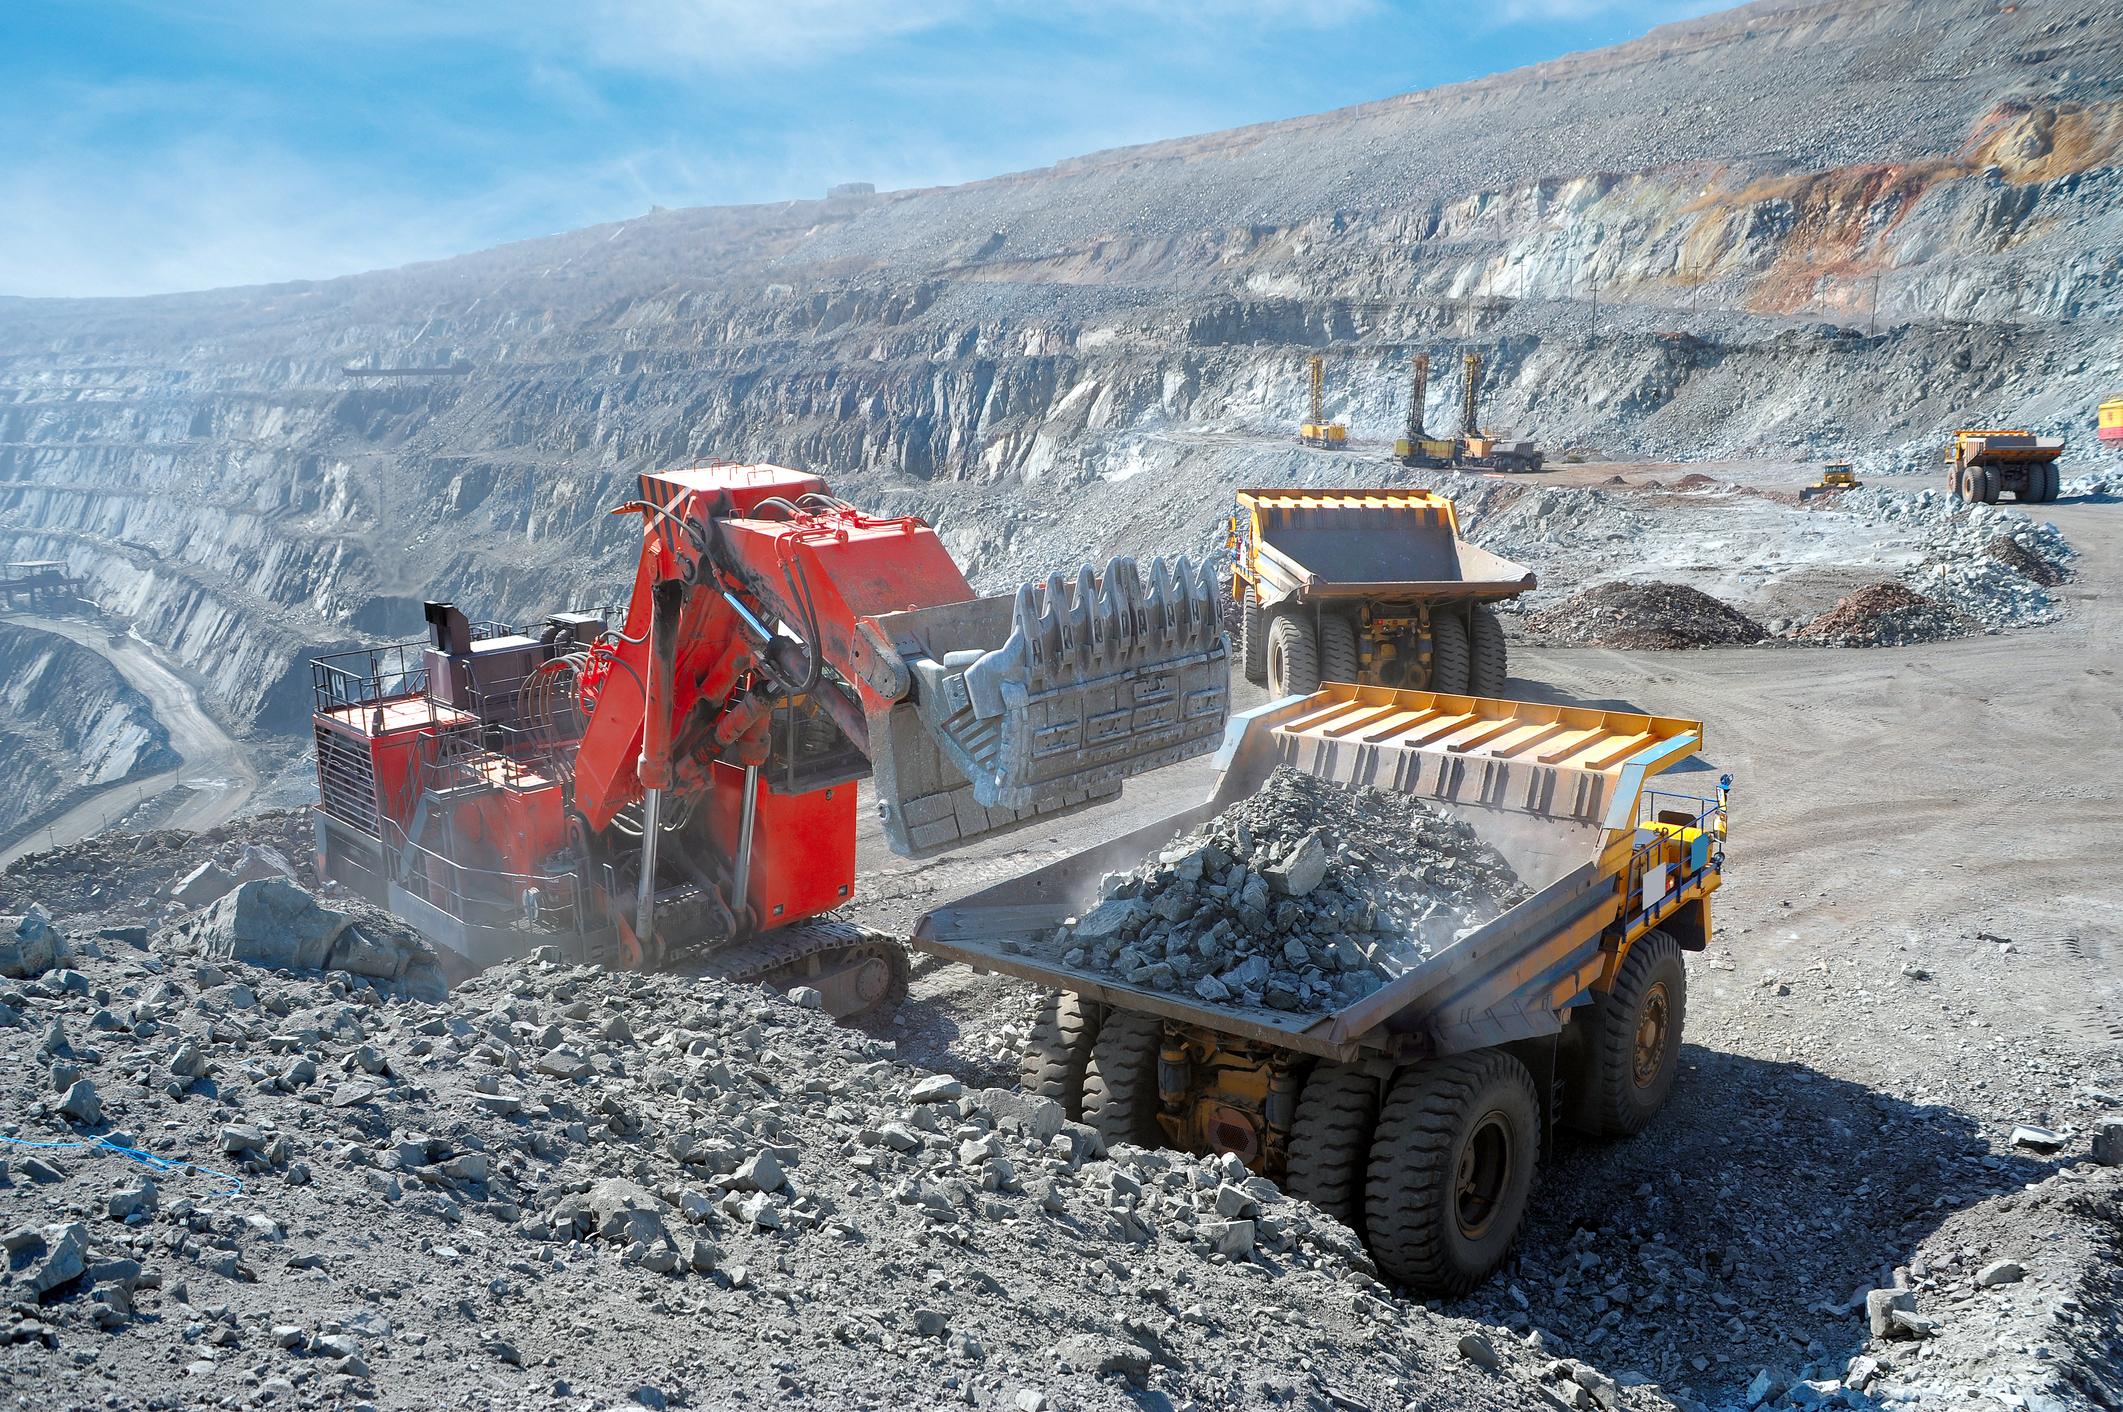 Trucks mining iron ore